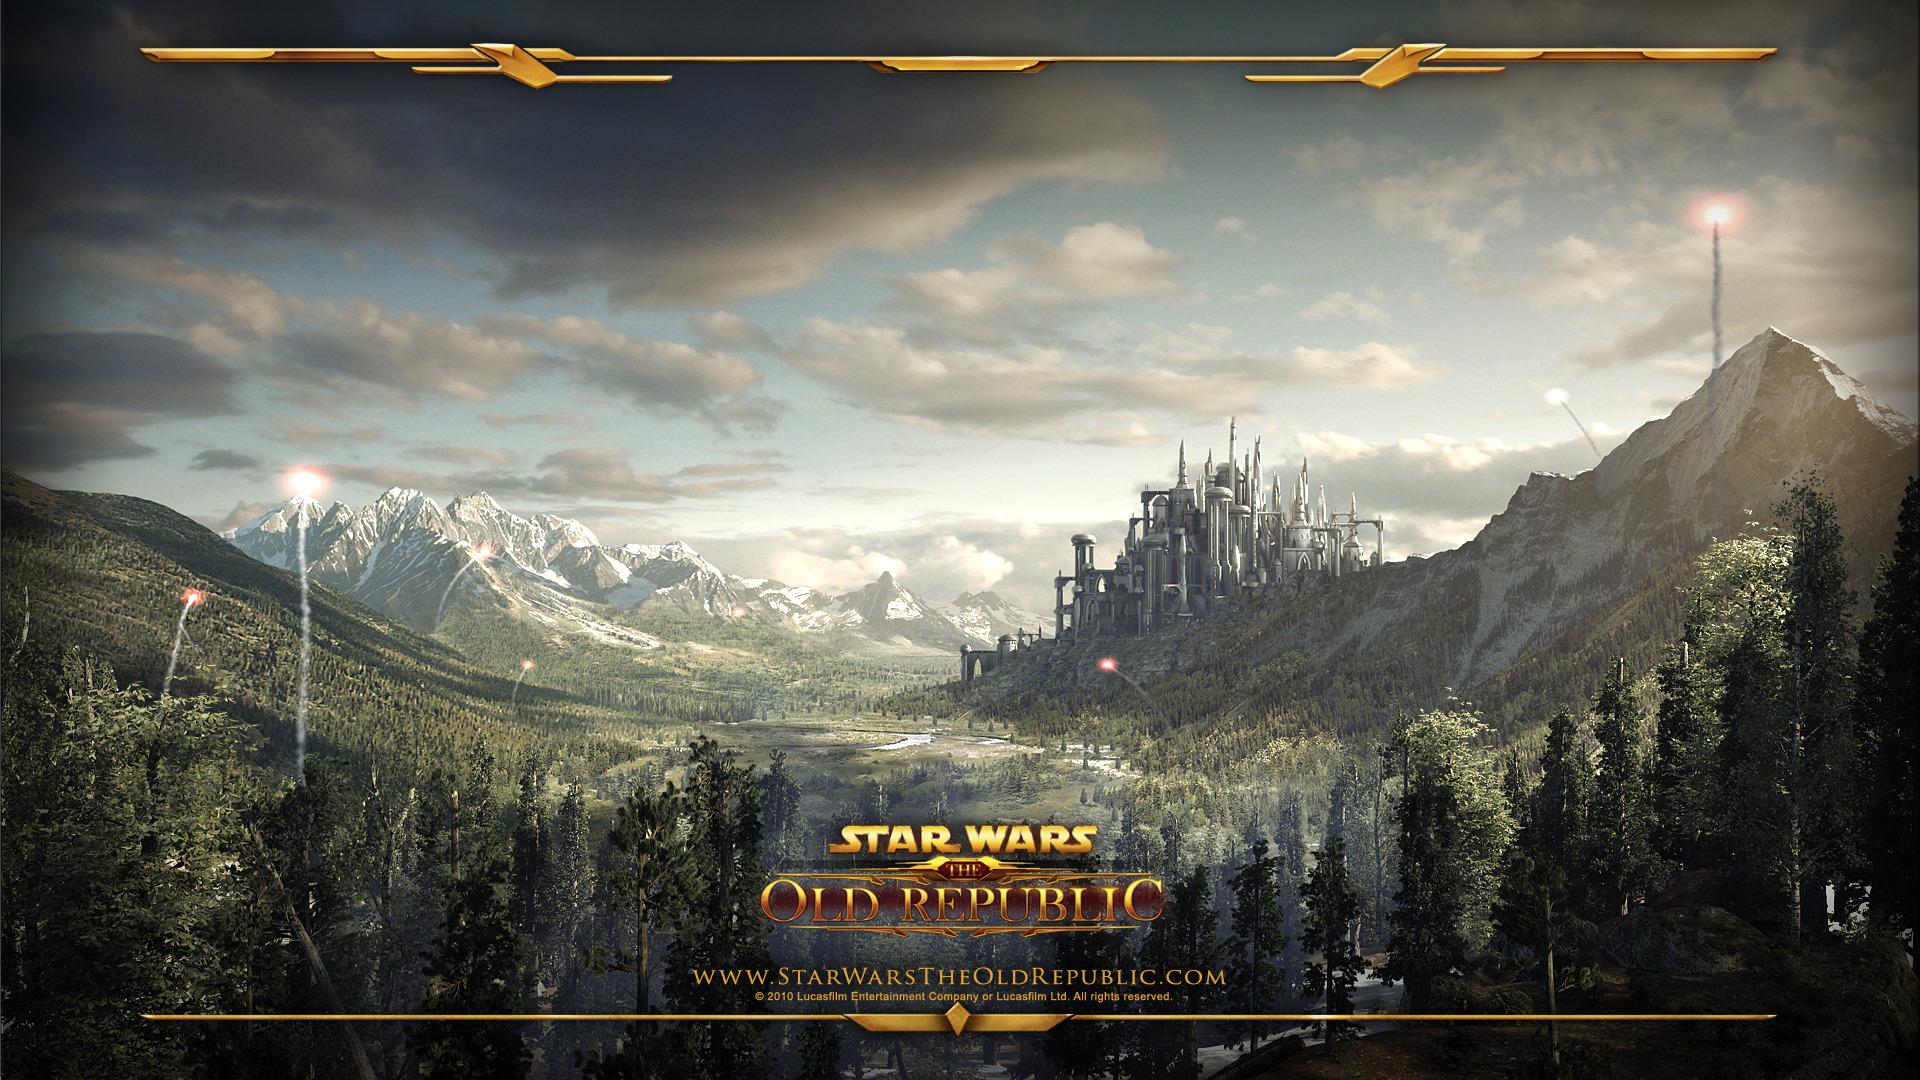 Star wars The Old Republic   Star Wars Wallpaper 26970294 1920x1080